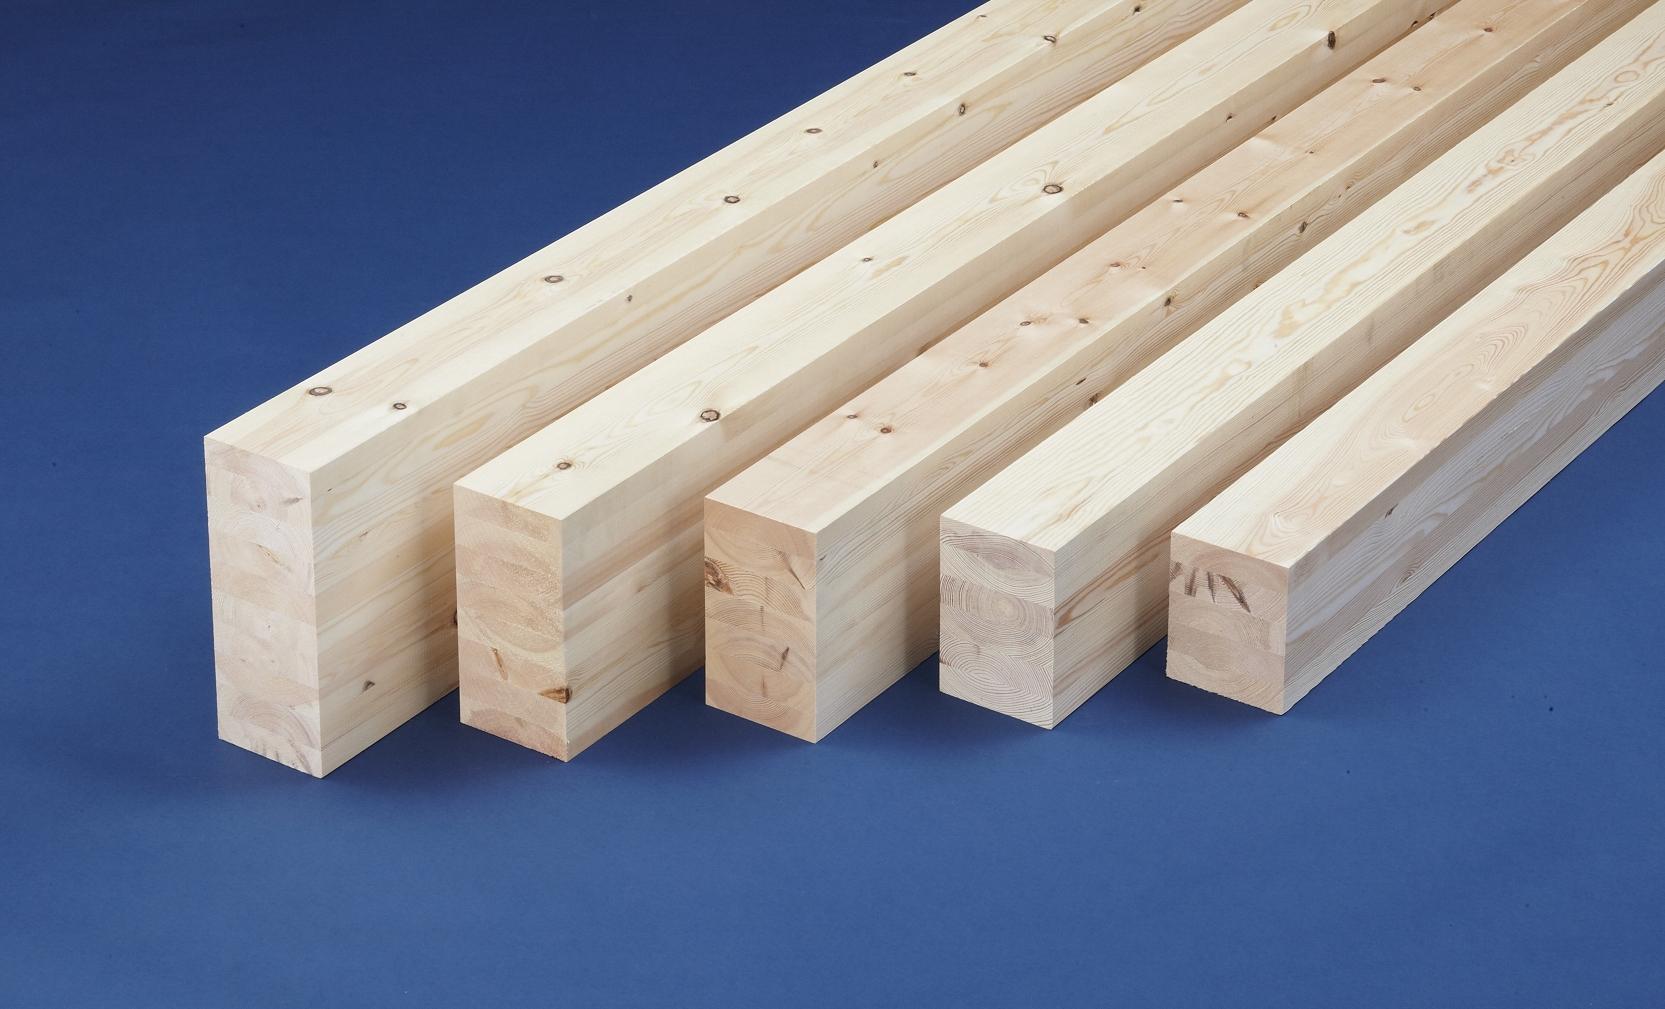 発注者向け木造化のメリット7:JAS構造材など材料の品質が安定